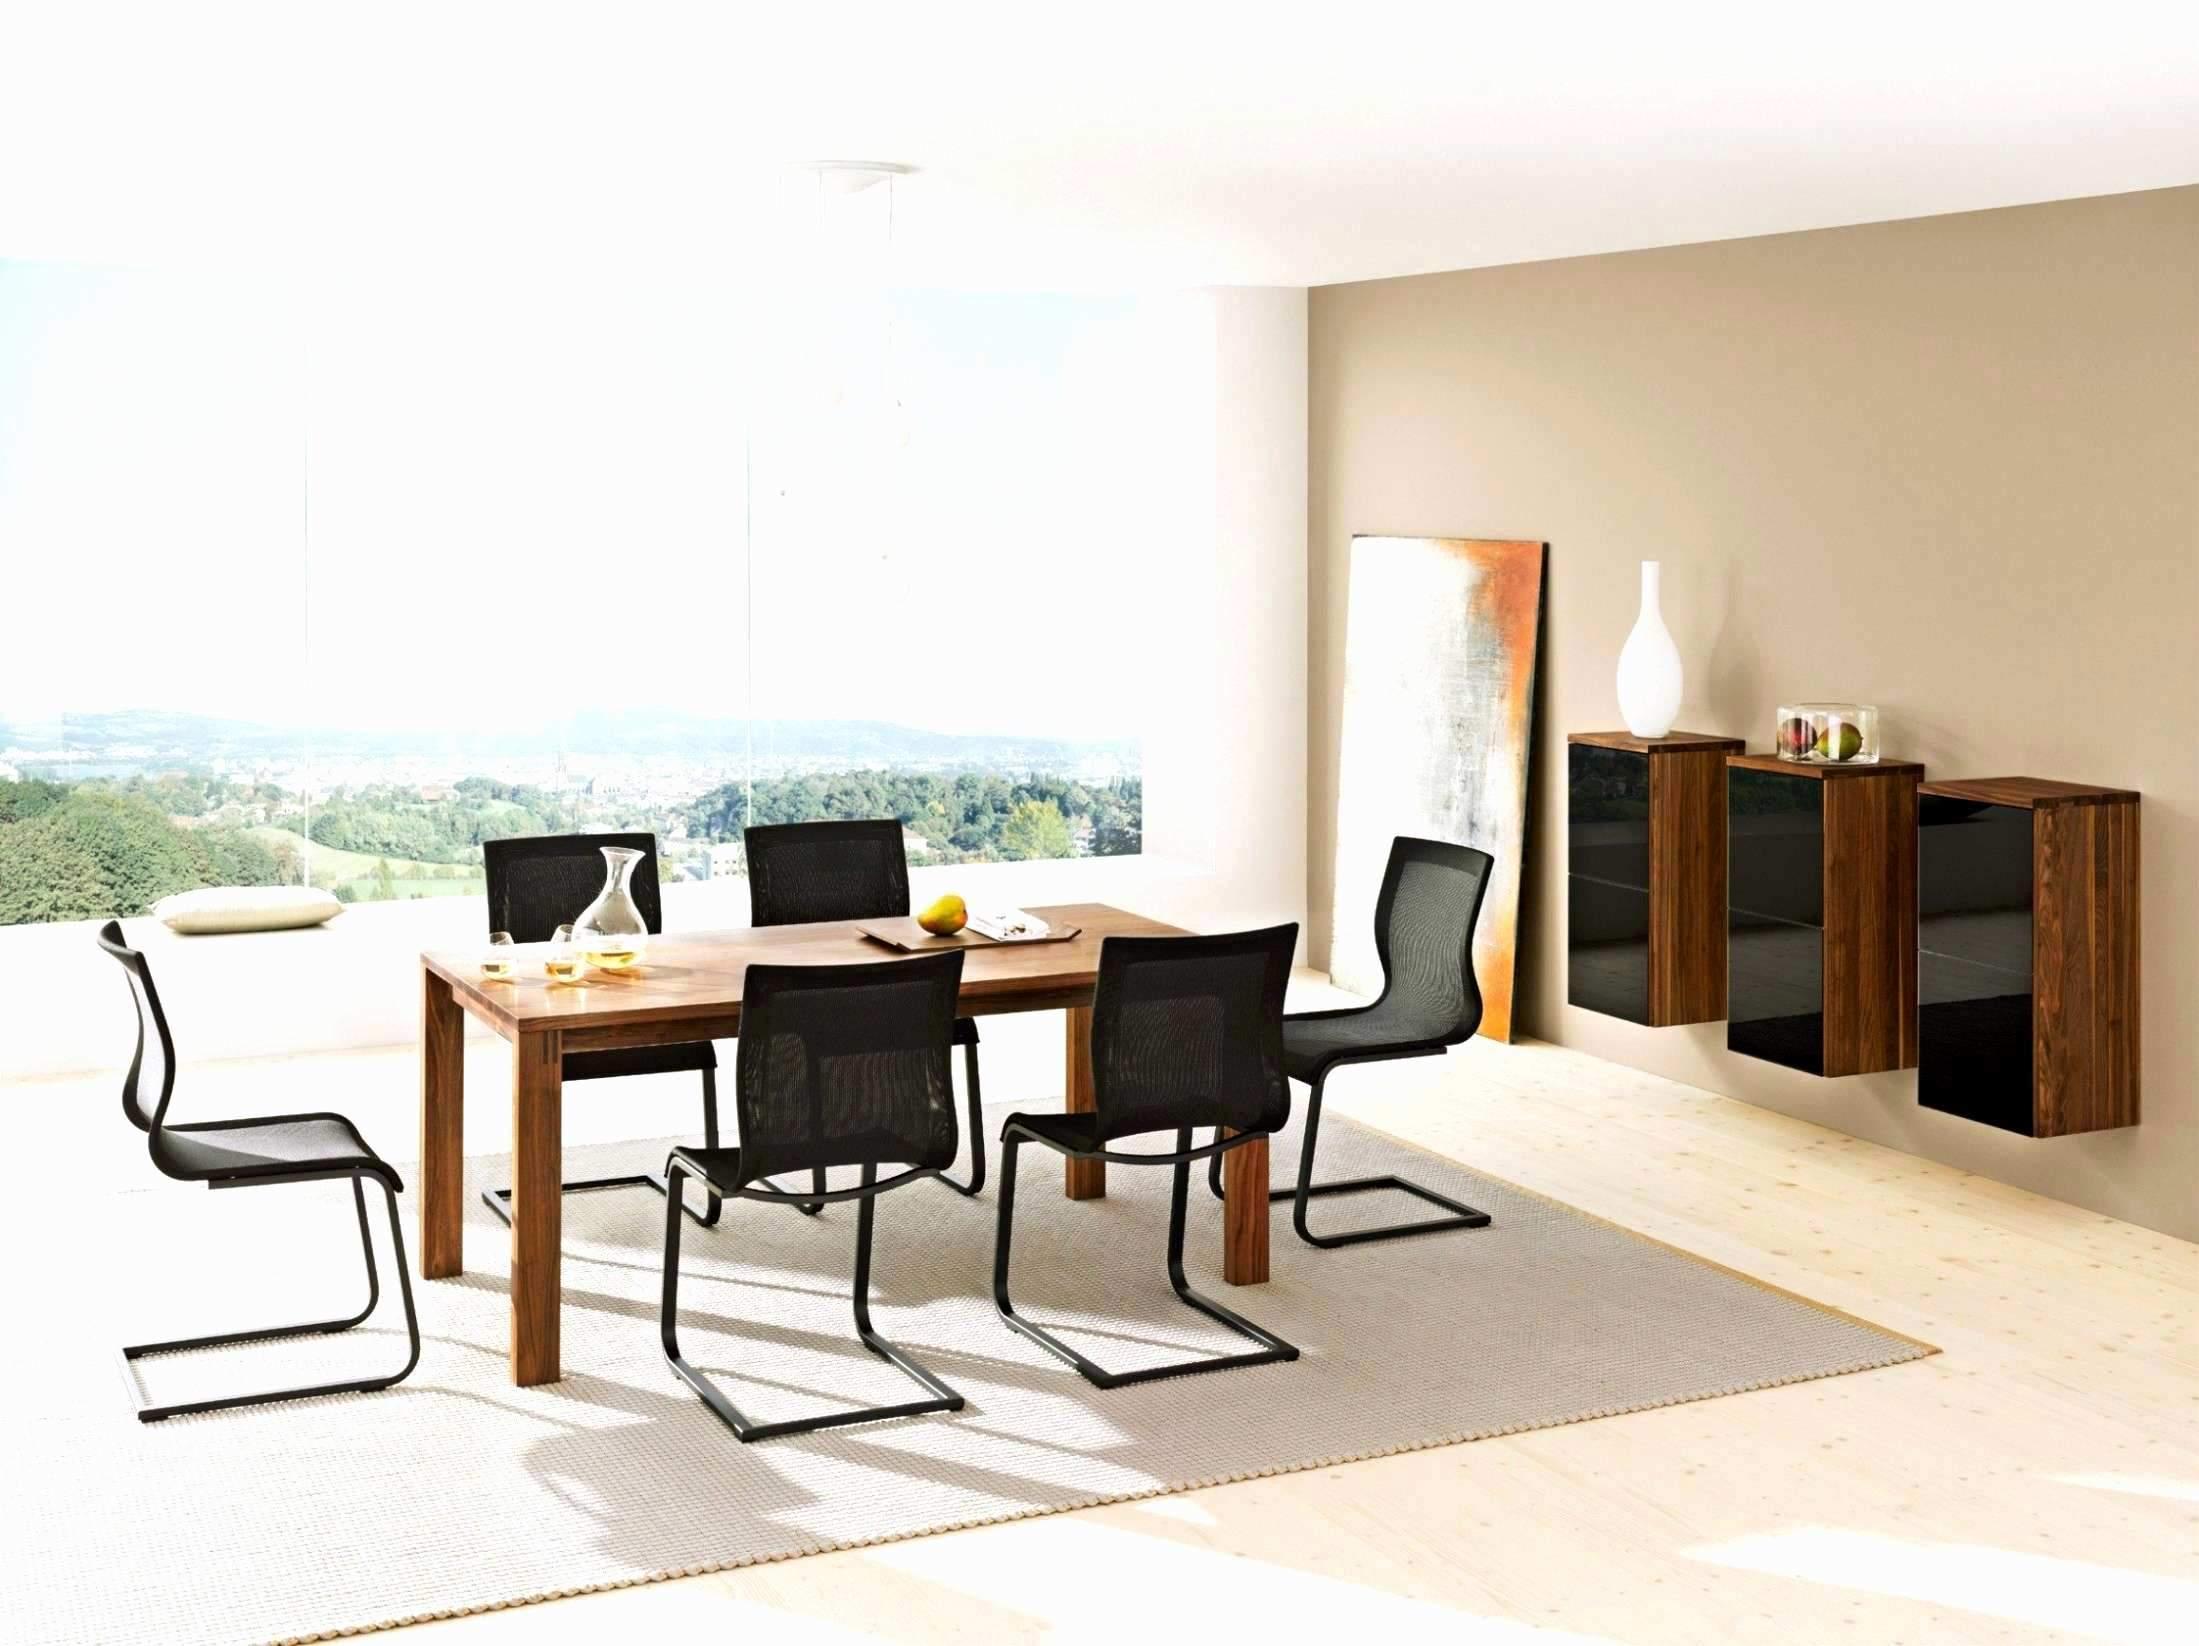 dekoration wohnzimmer ideen luxus 50 einzigartig von wohnzimmer deko selber machen meinung of dekoration wohnzimmer ideen